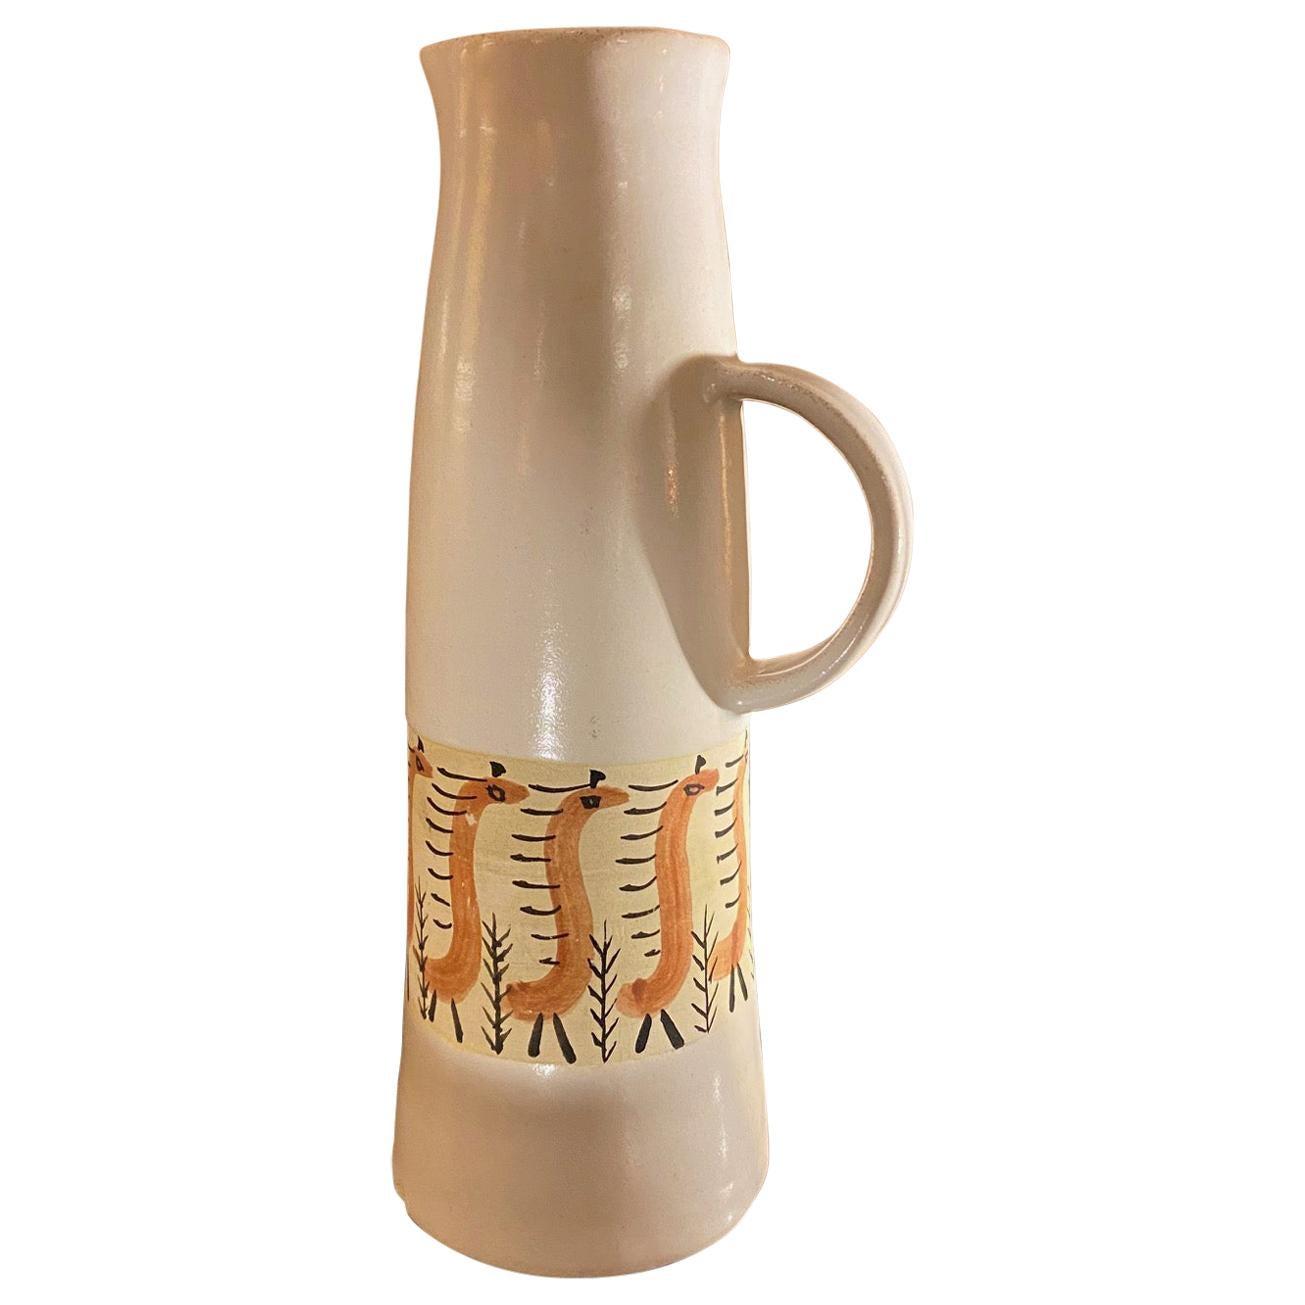 Ceramic Pitcher by Les Argonautes, France, 1960s